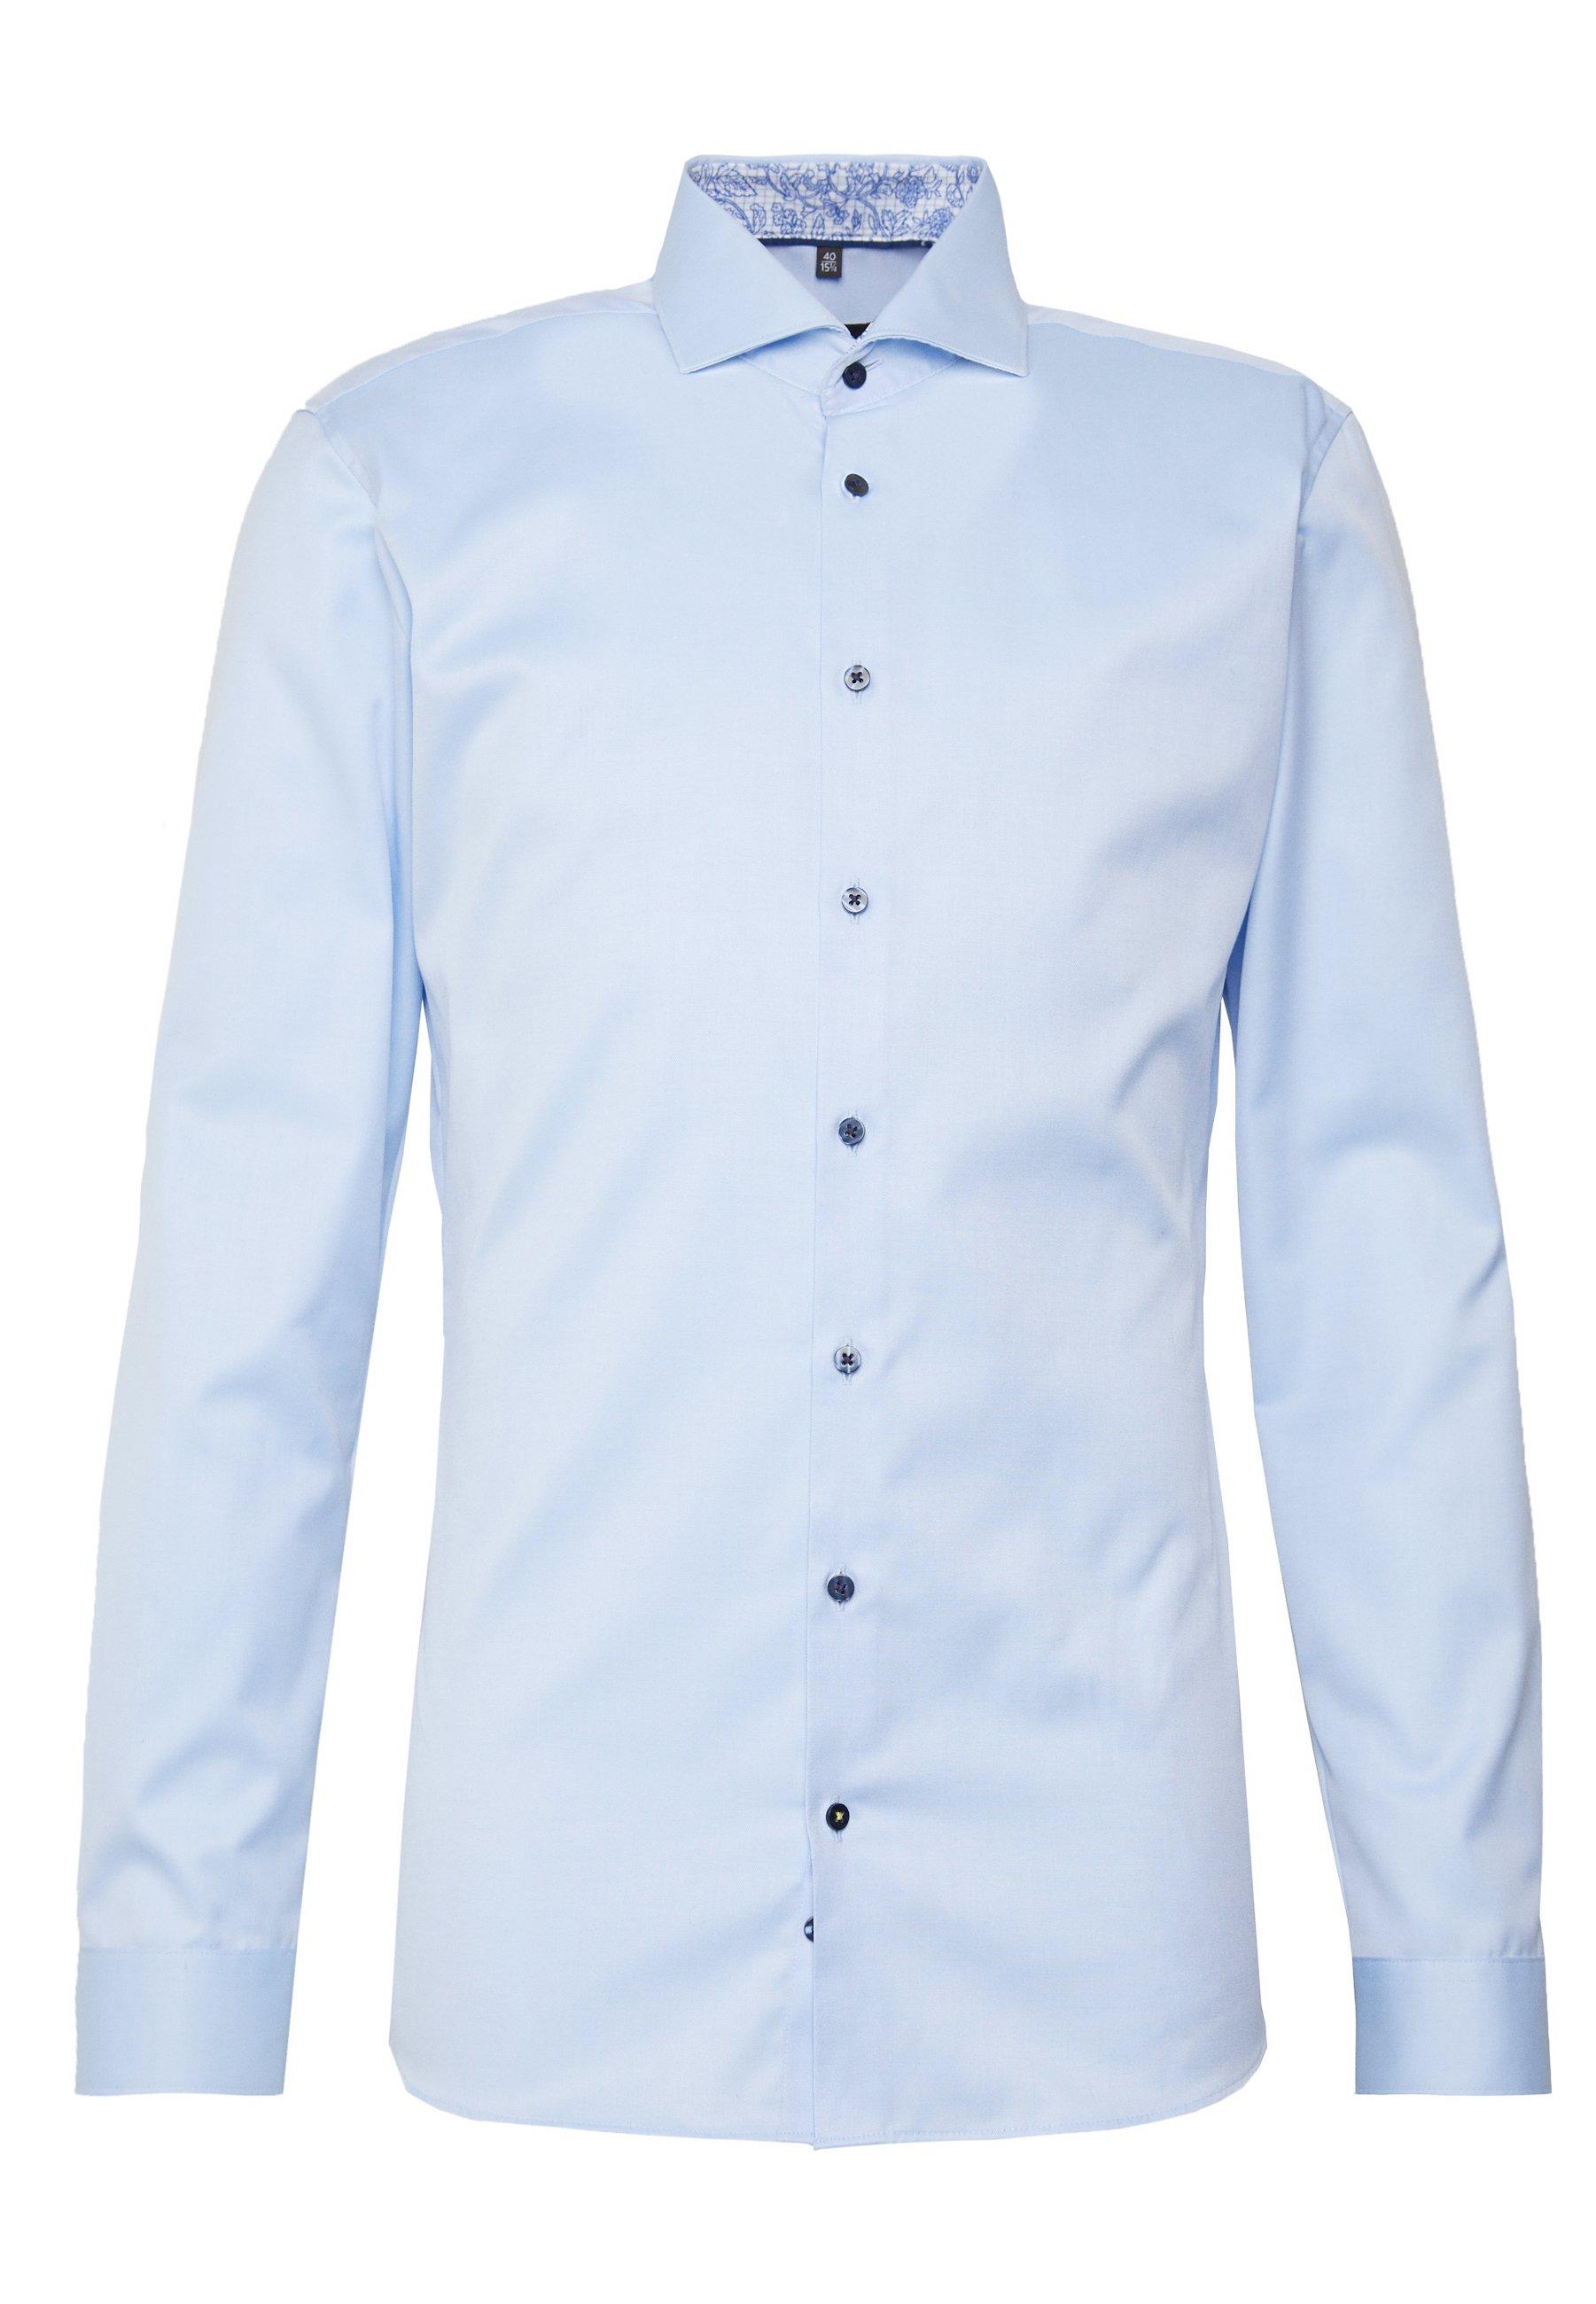 Eterna Super Slim Fit Hai-kragen - Businesshemd Blue Black Friday